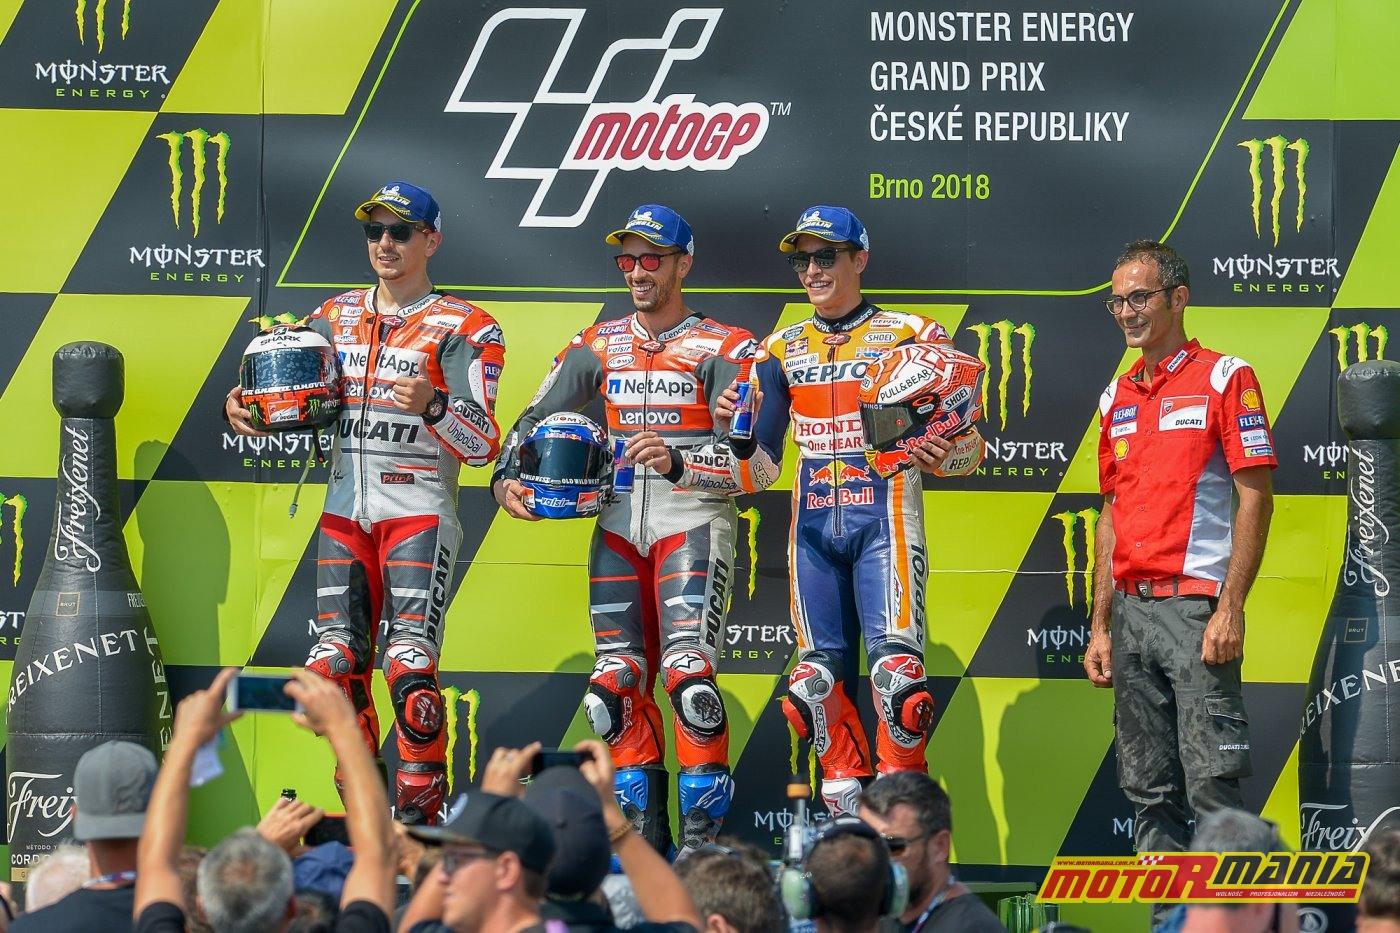 Wyścig MotoGP Brno 2018 - fot Waldek Walerczuk (83)